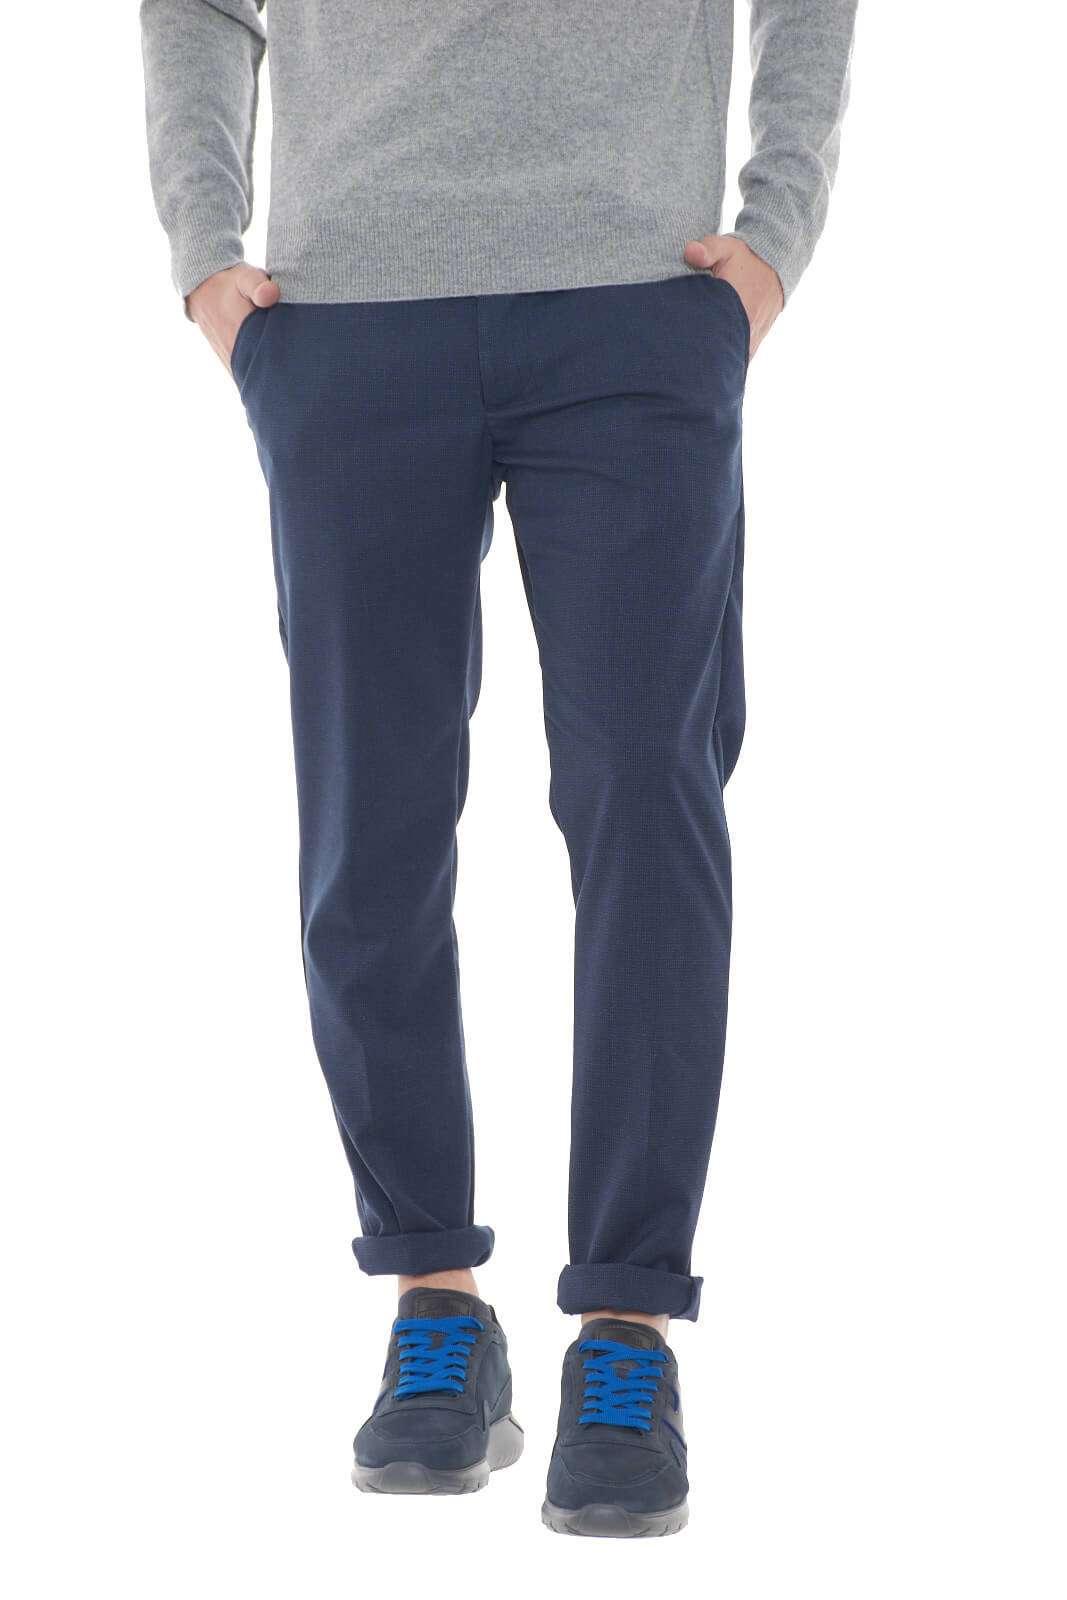 Un pantalone che ti conquisterà con la sua semplicità. Perfetto per look basic, formali ed eleganti, sempre adatti alle evenienze più impostate. Da abbinare a camicie, o dolcevità, per uno stile raffinato e alla moda.  Il modello è alto 1,80m e indossa la taglia 34.